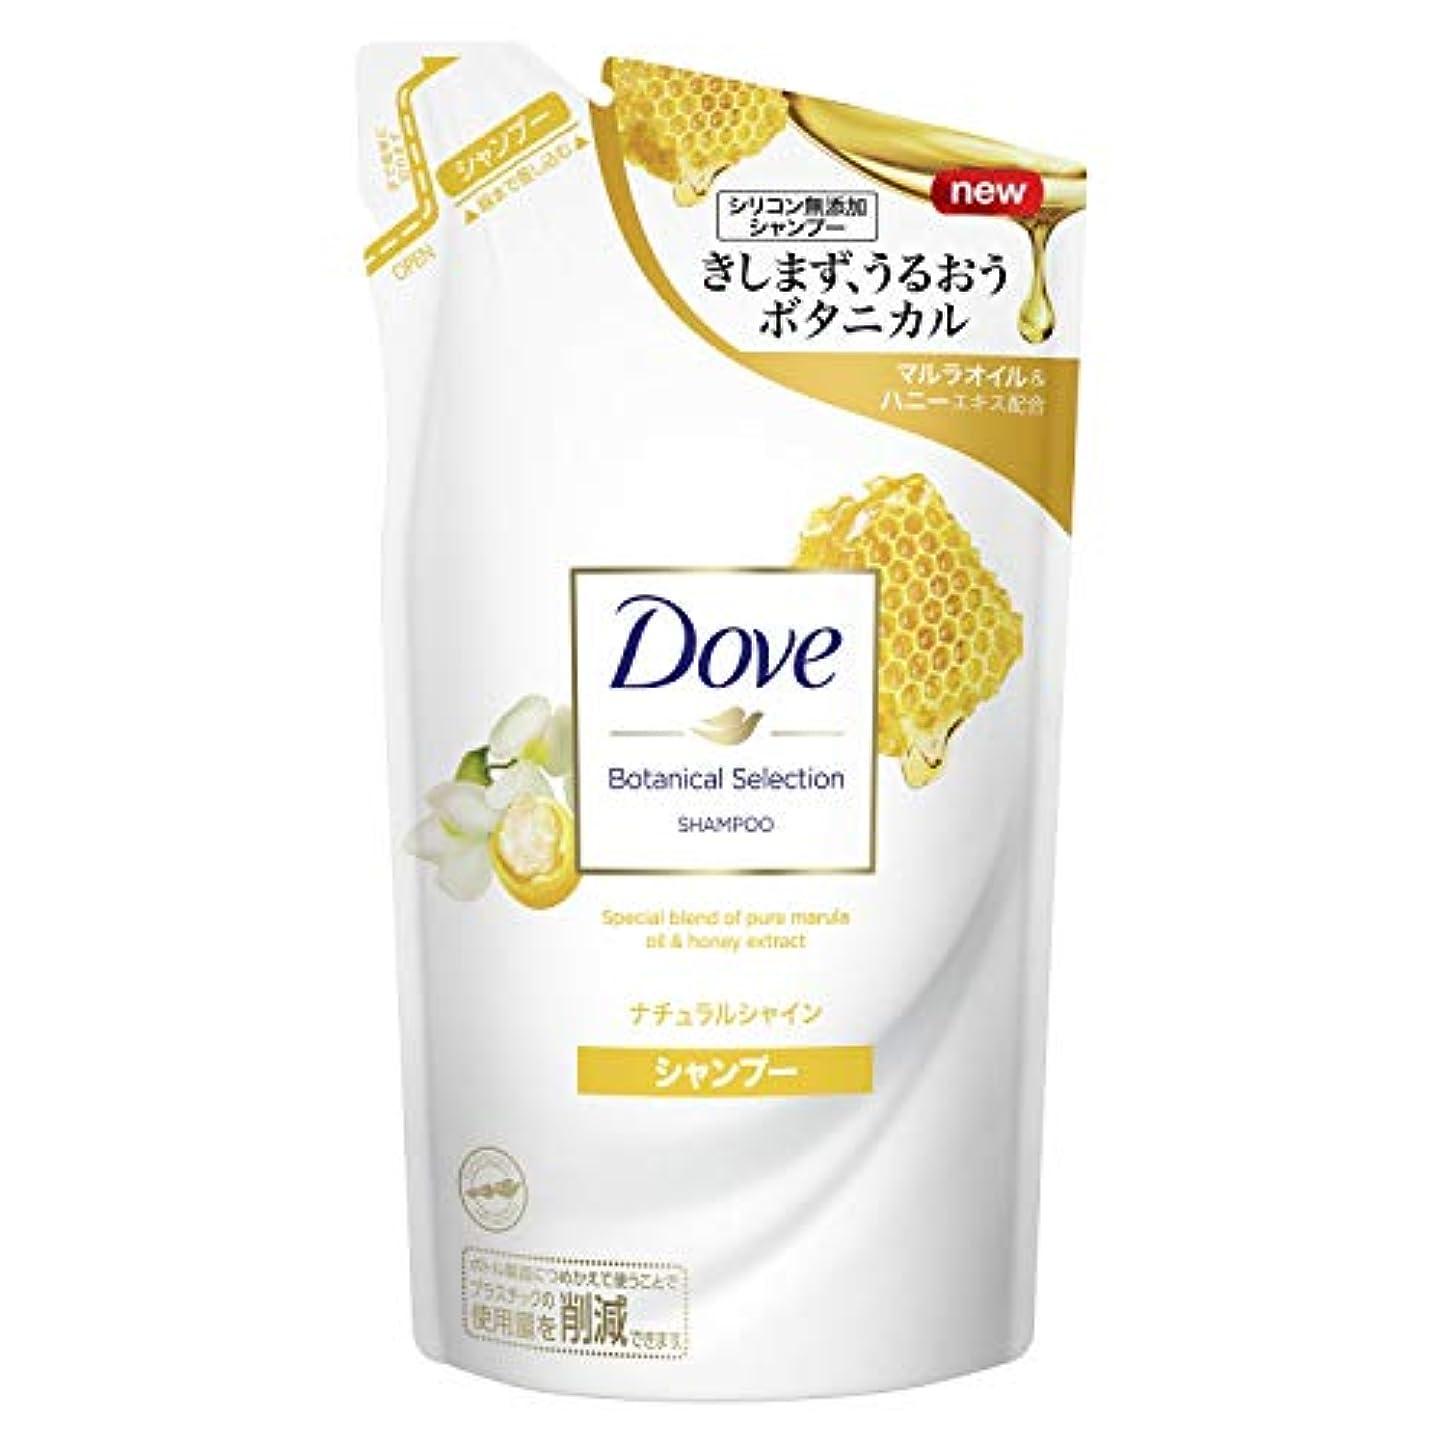 軸猫背分数Dove(ダヴ) ダヴ ボタニカルセレクション ナチュラルシャイン シャンプー つめかえ用 350g